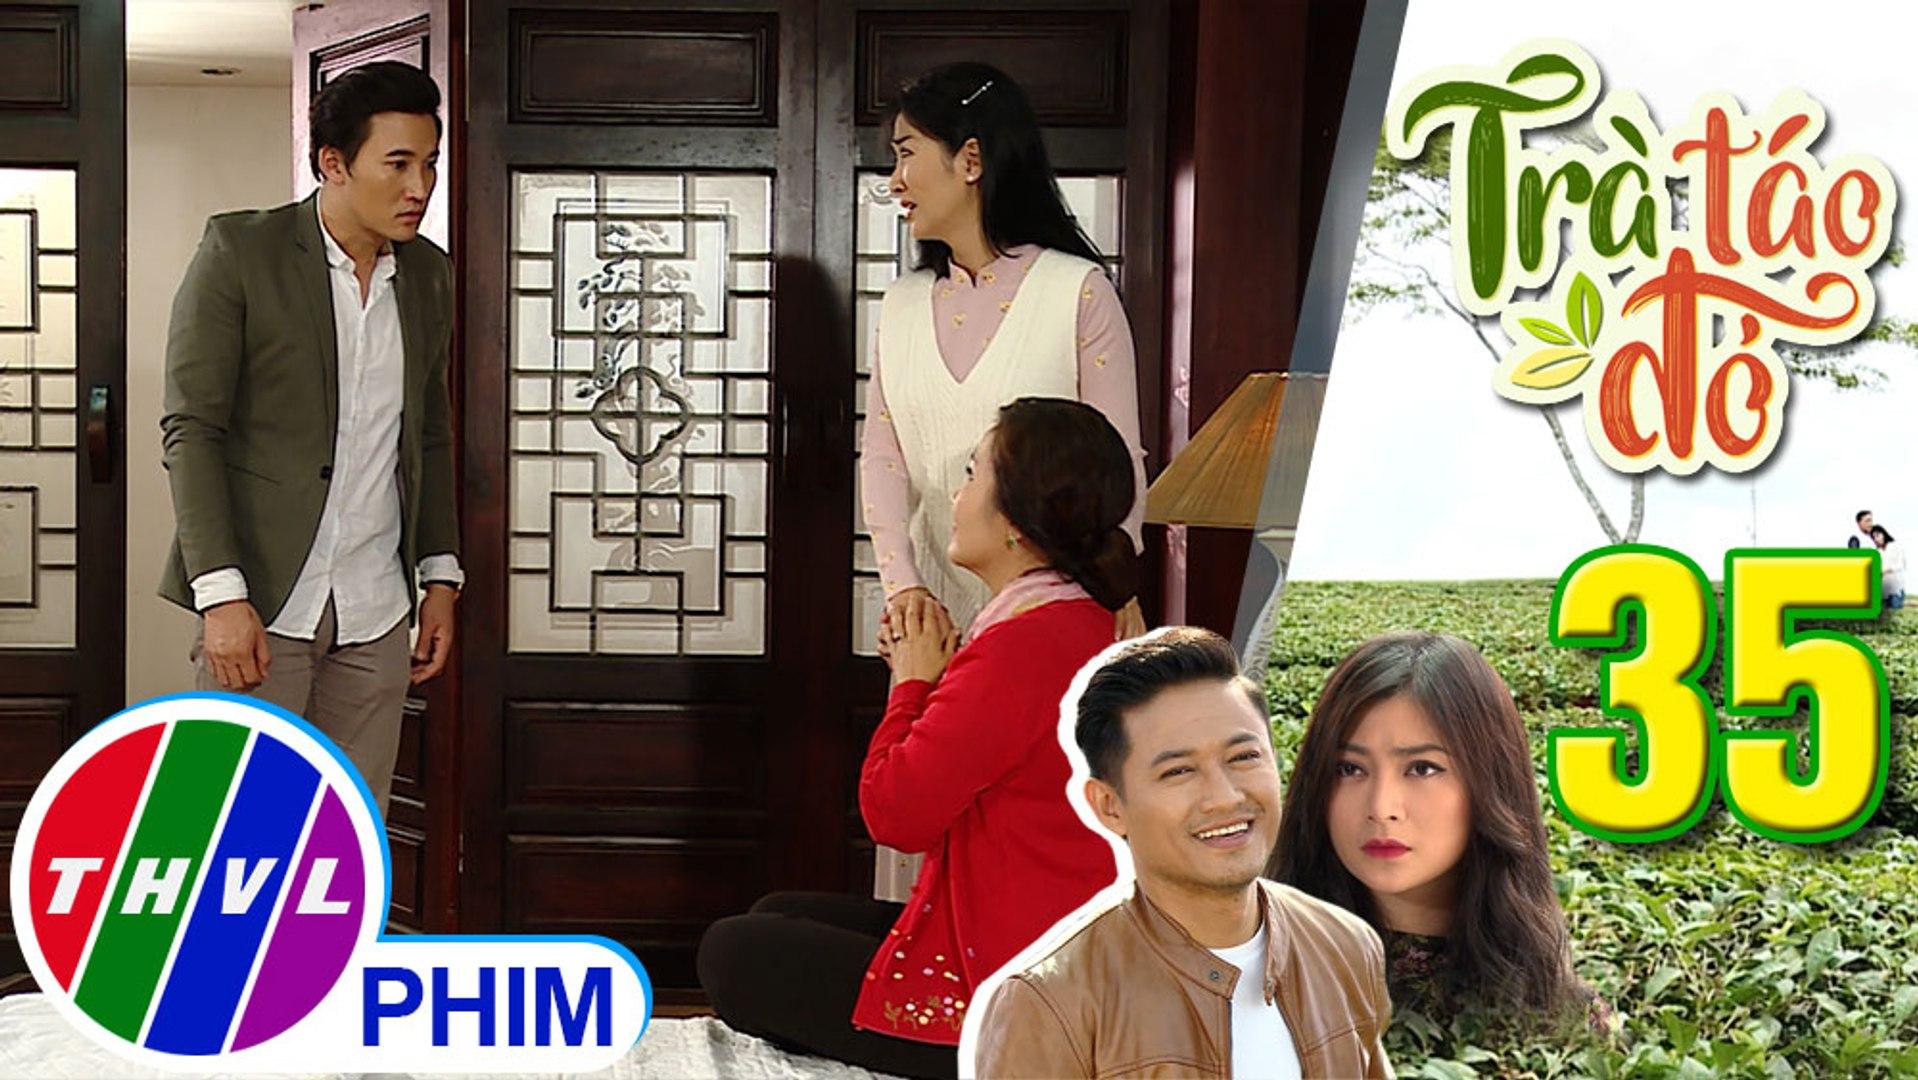 THVL | Trà táo đỏ - Tập 35[4]: Bà Hiền nói cho Quý biết Trúc Trà là con gái ruột của mình